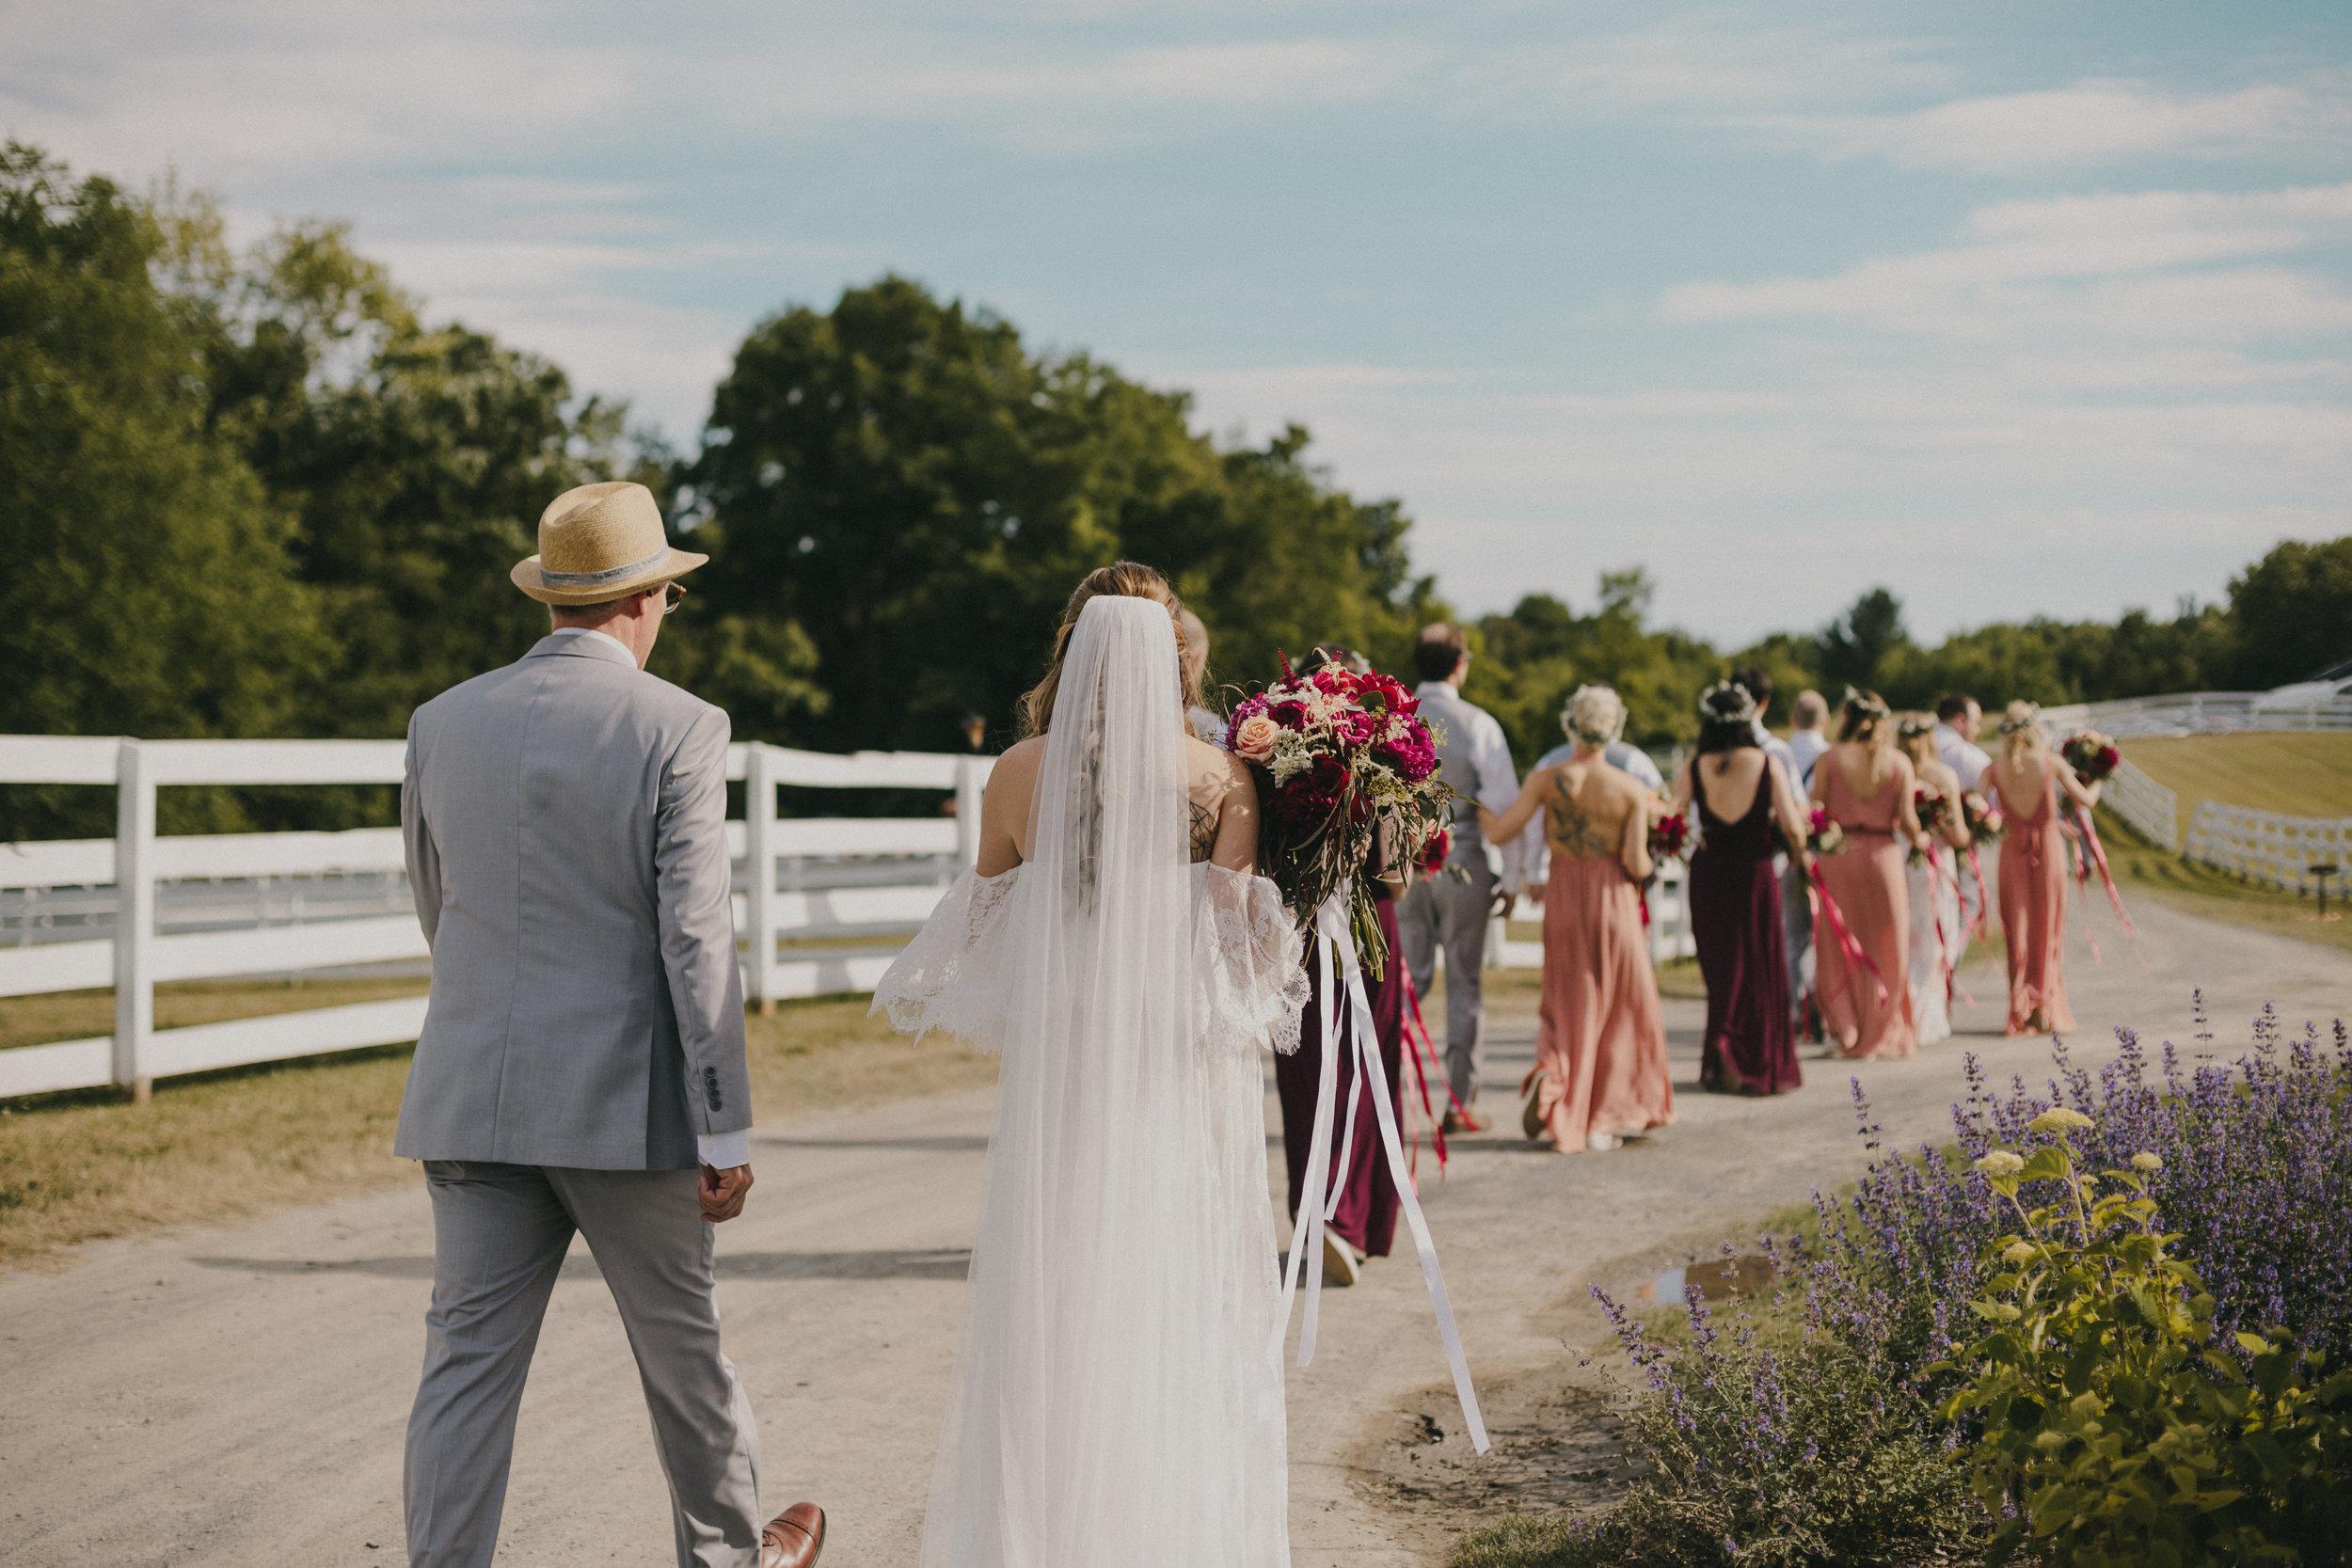 862-20180616-Amanda_Brett_Catskills_Summer_Boho_Wedding.jpg